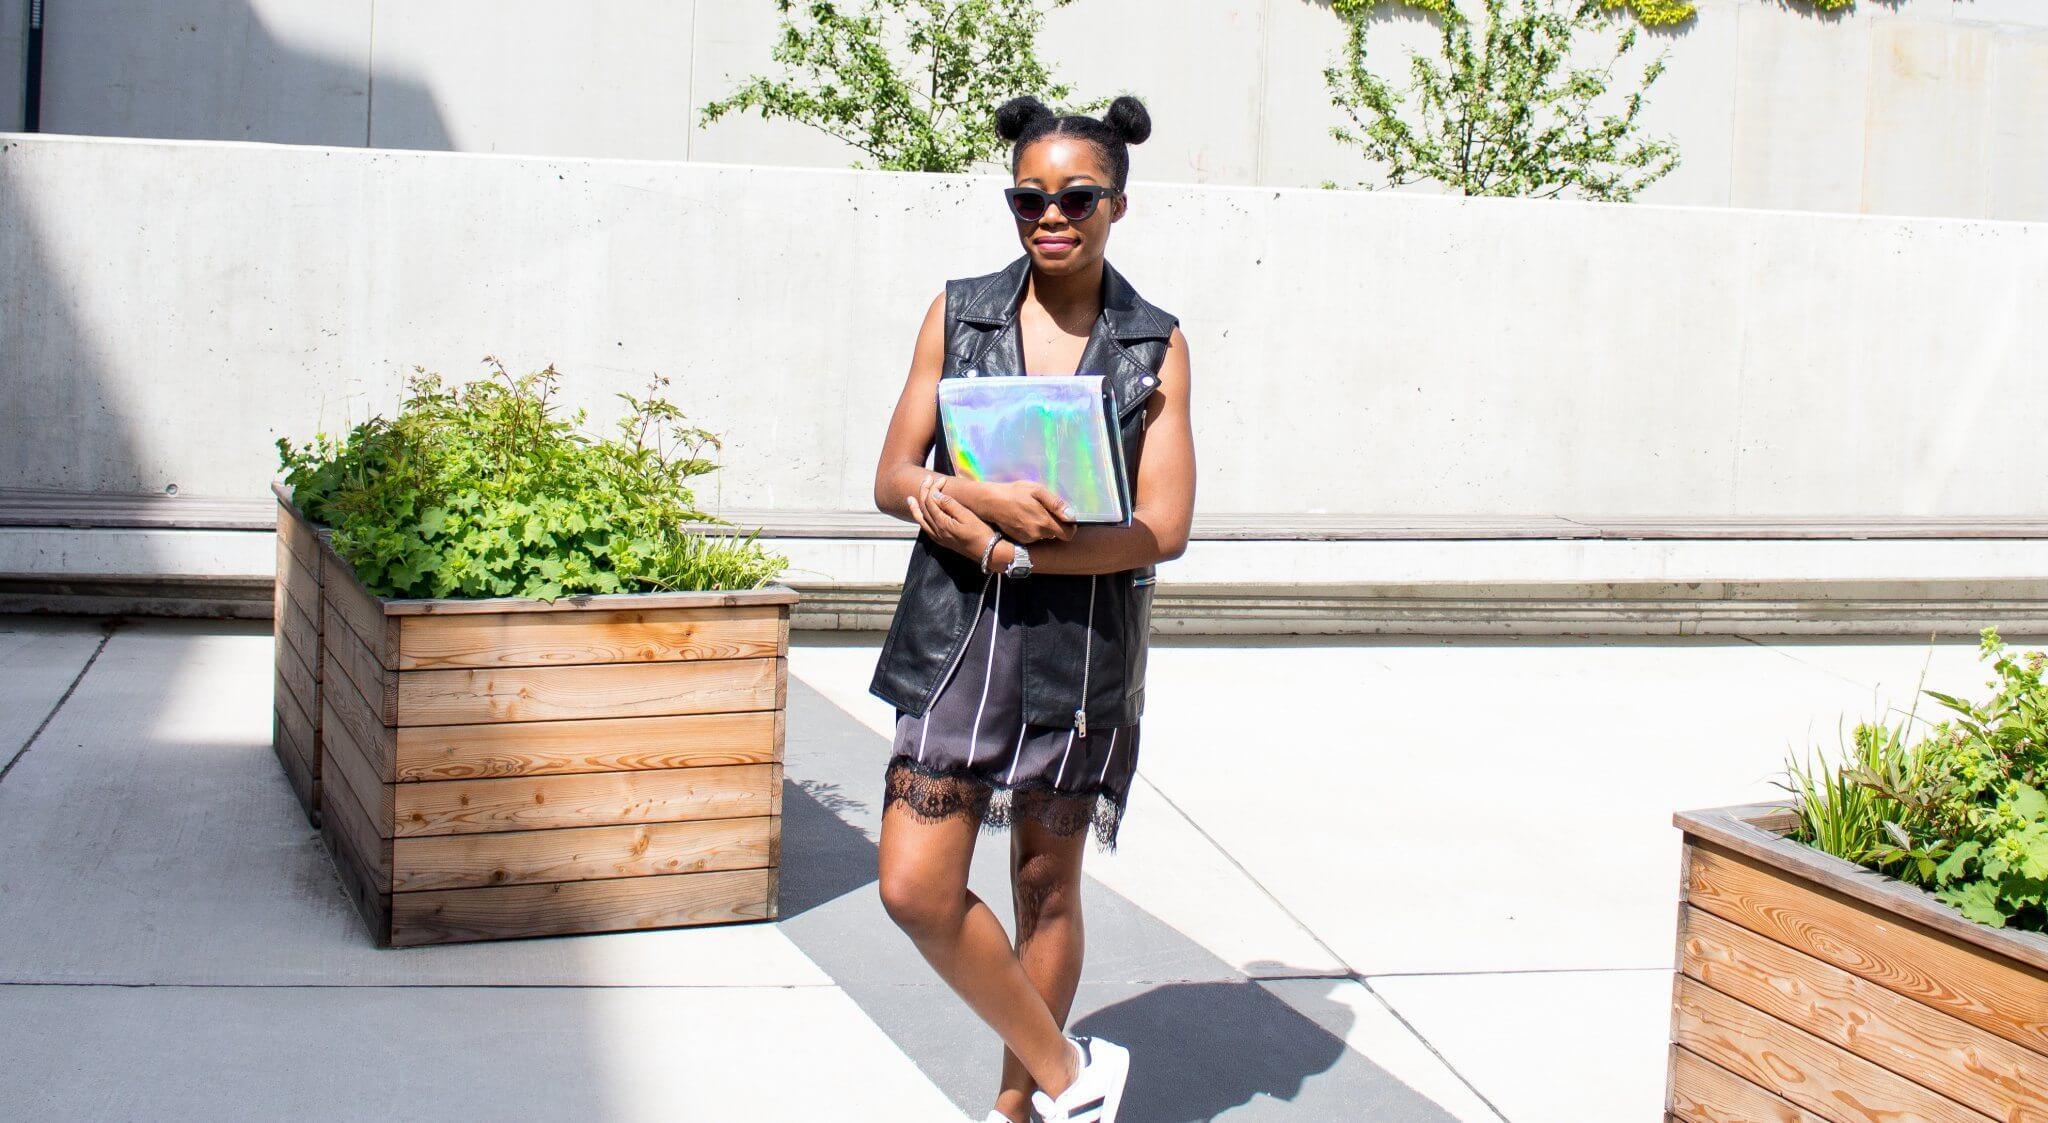 Schwarze Lingerie Kleid; Lingerie; Lookatchichi; Adidas; Sneakers; Holographic;